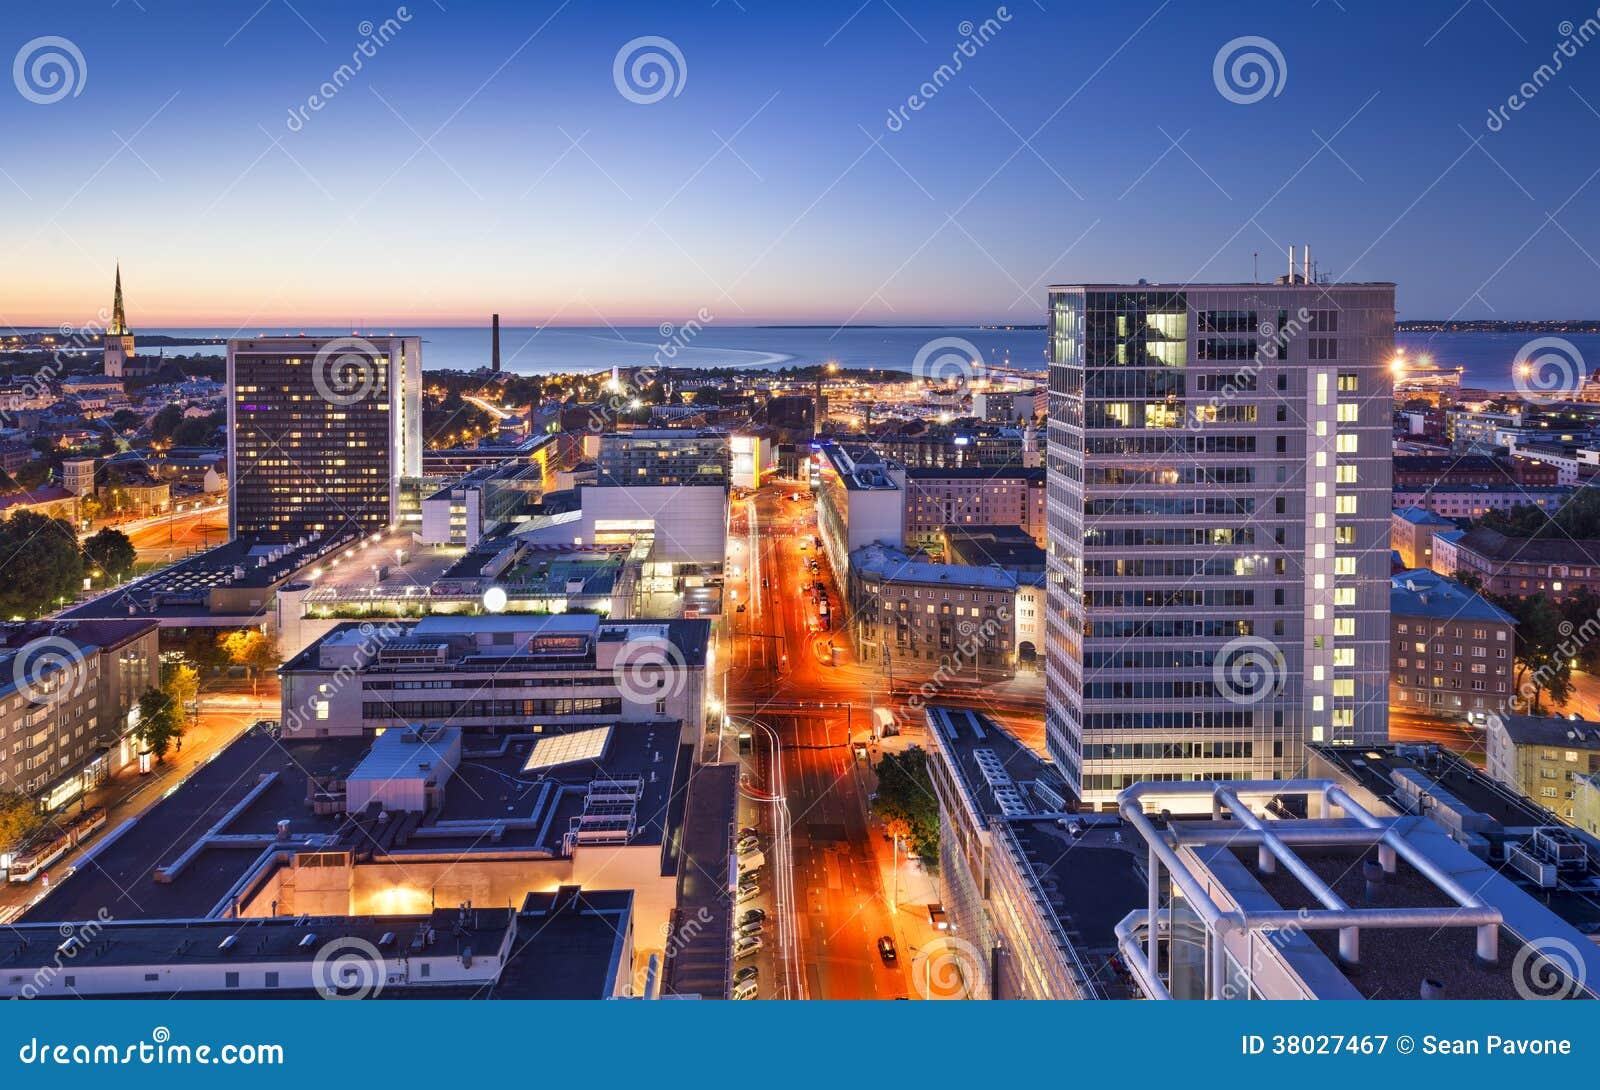 Tallinn, Estonia New City